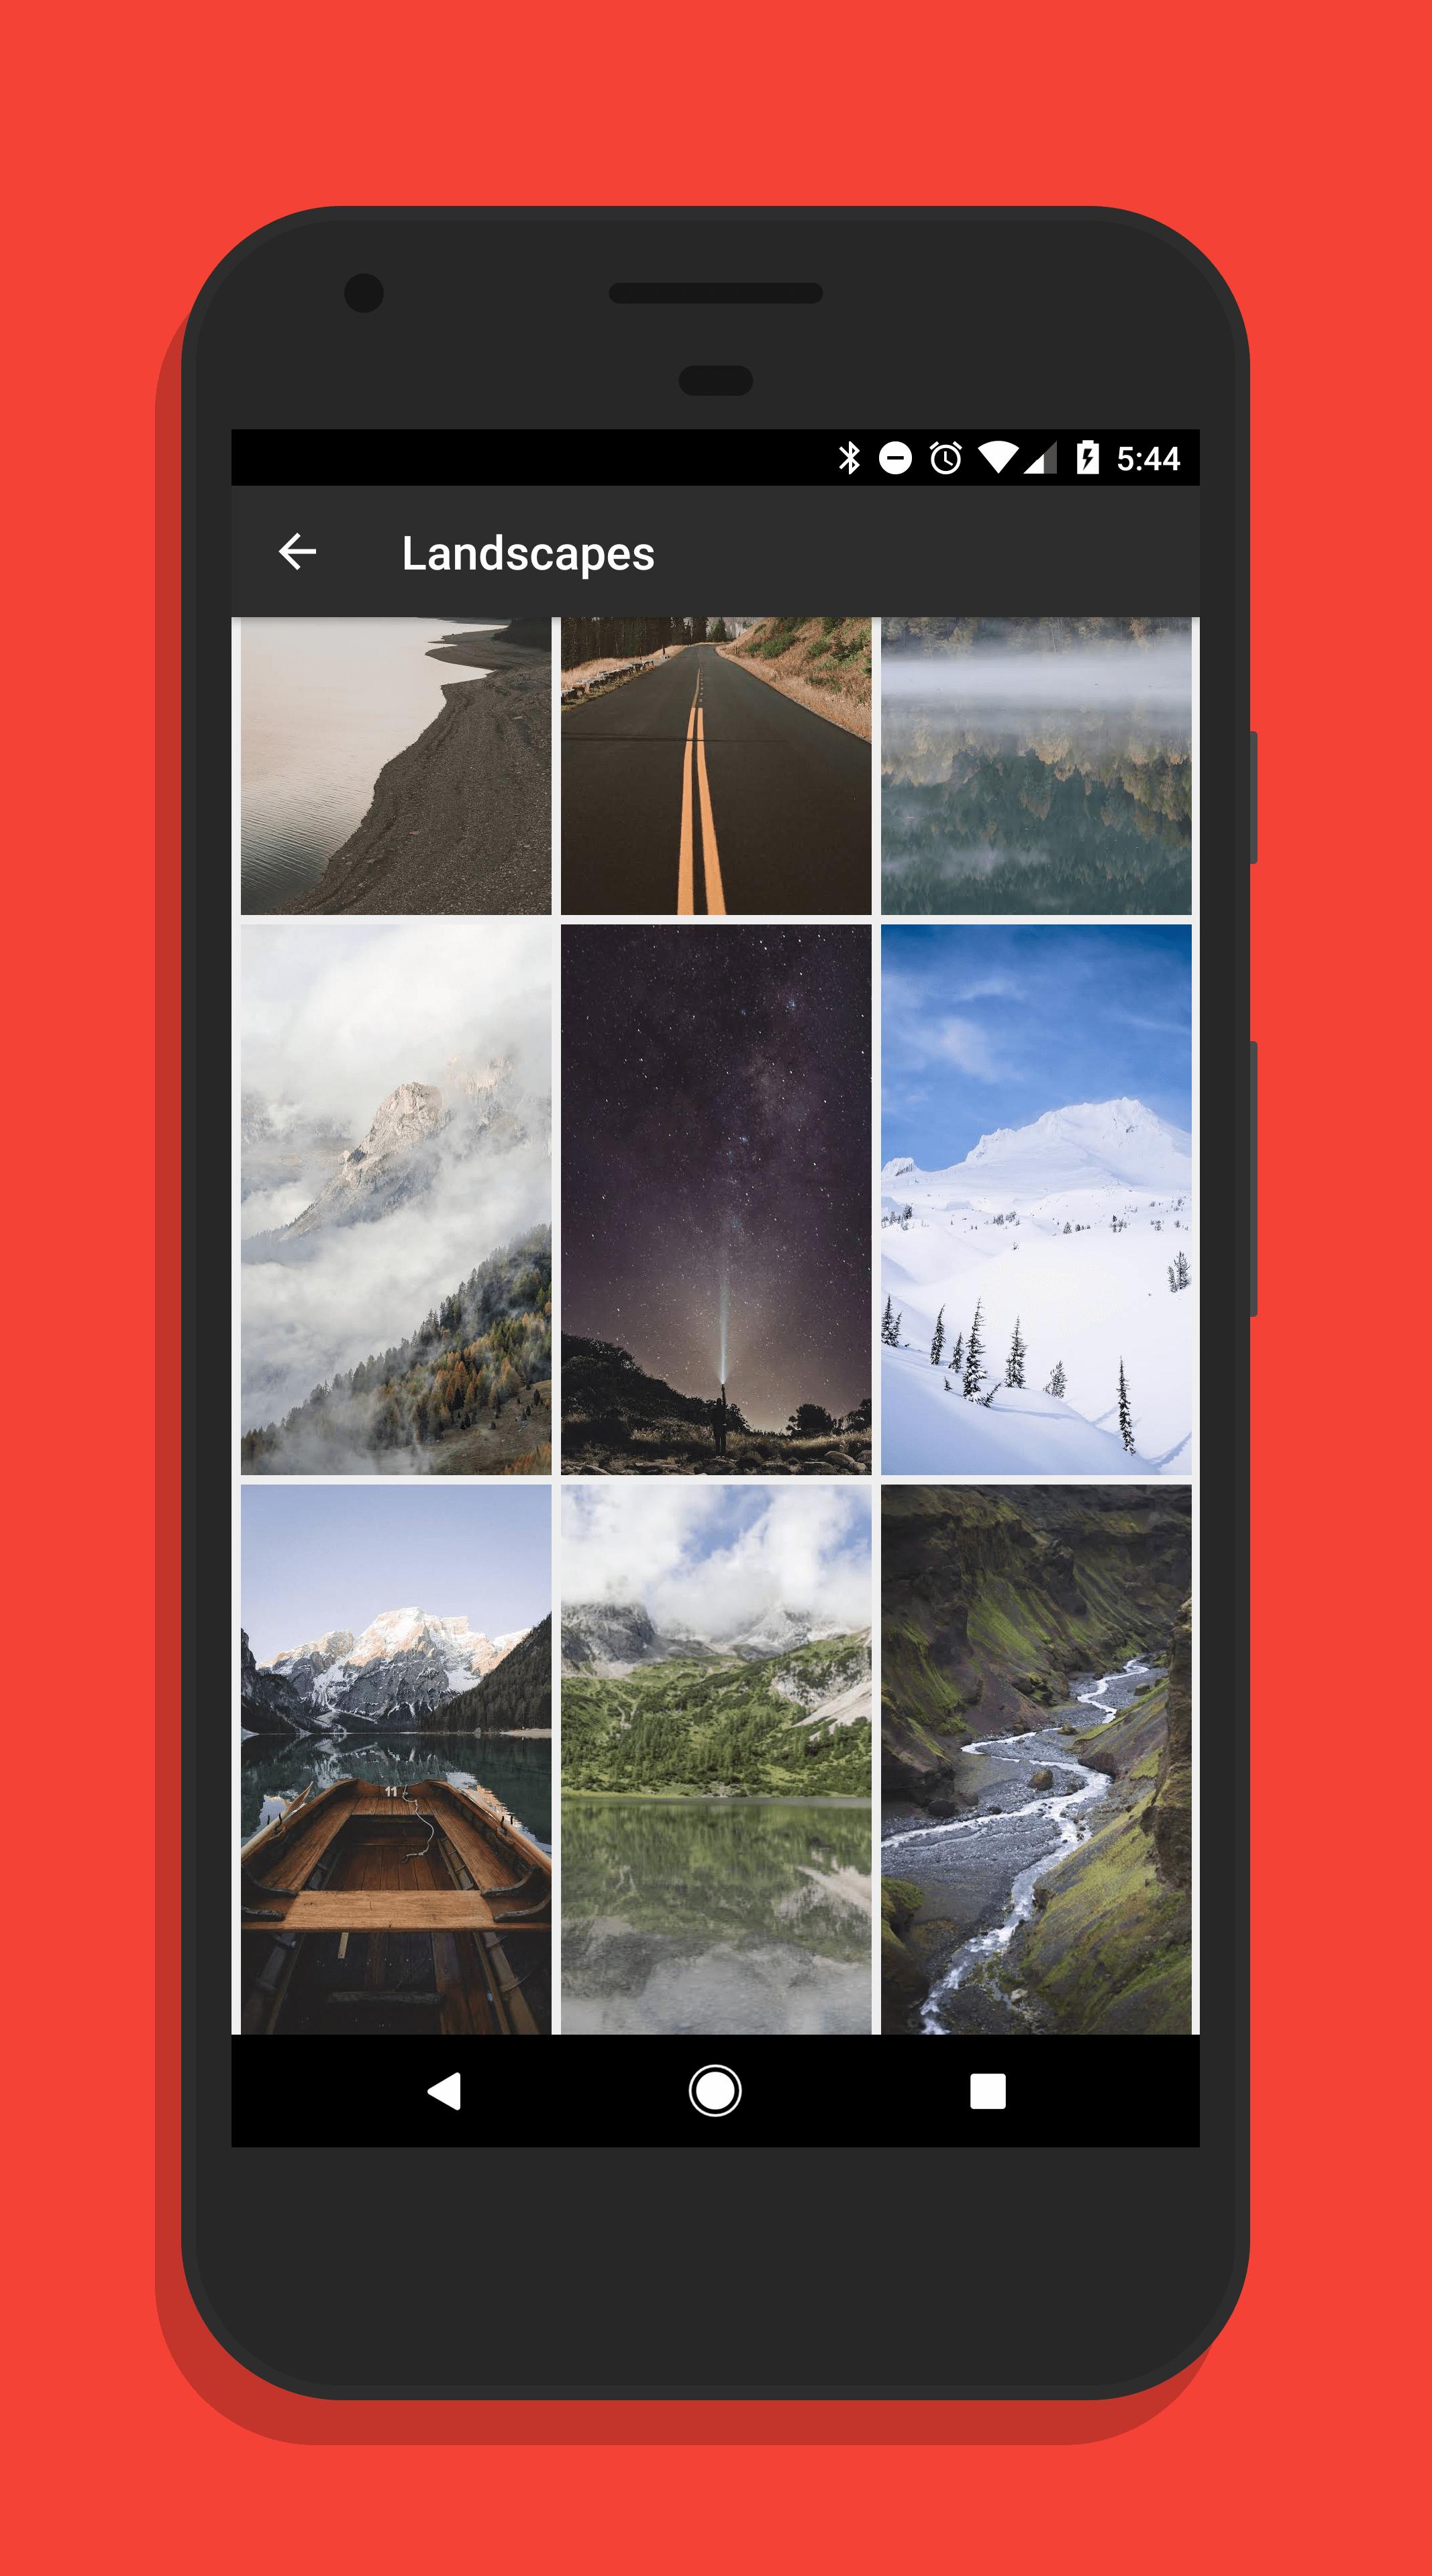 Google Wallpapers App Update Brings New